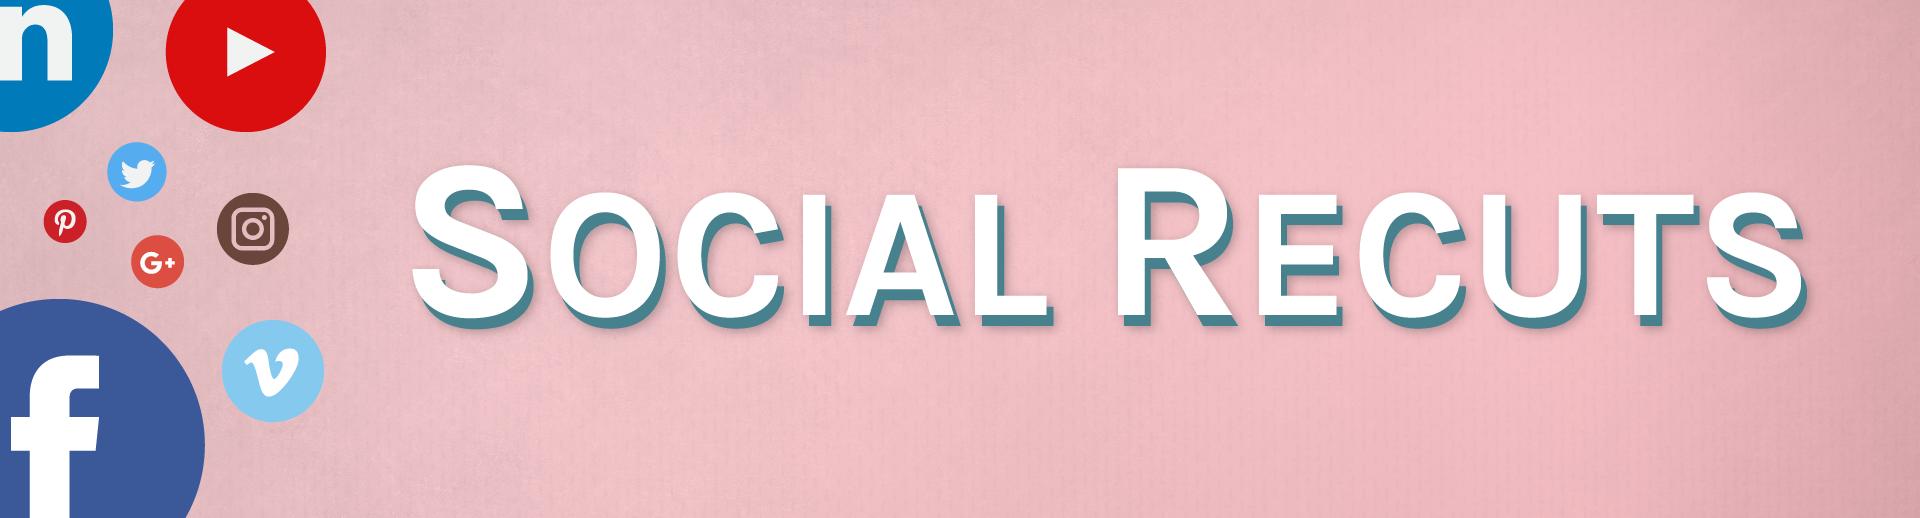 Social recuts_thumbnail